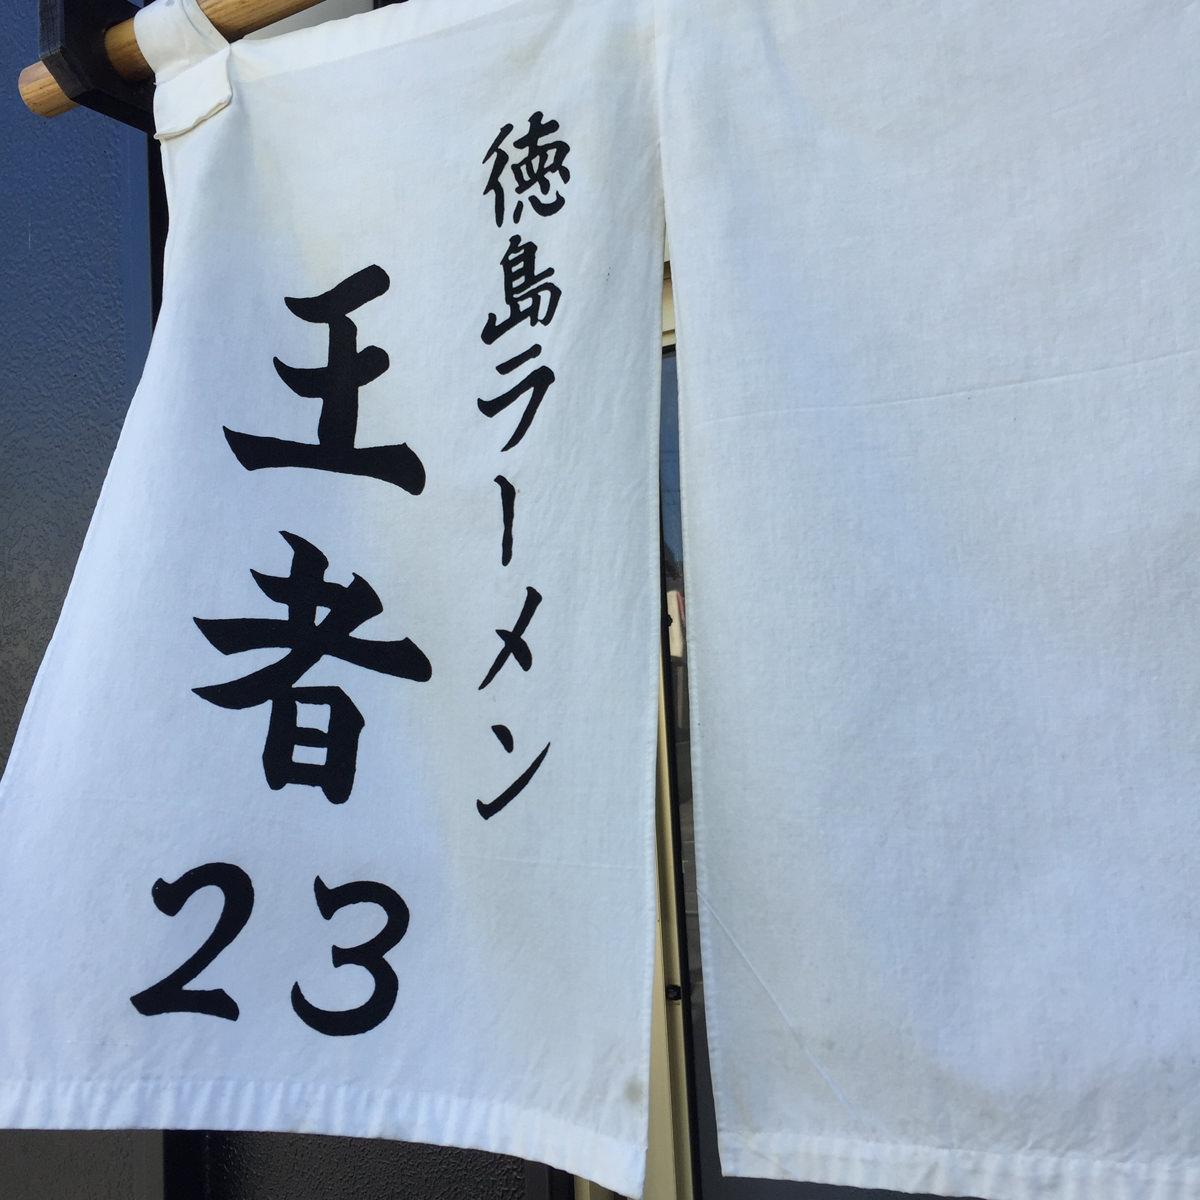 のれん 王者 23